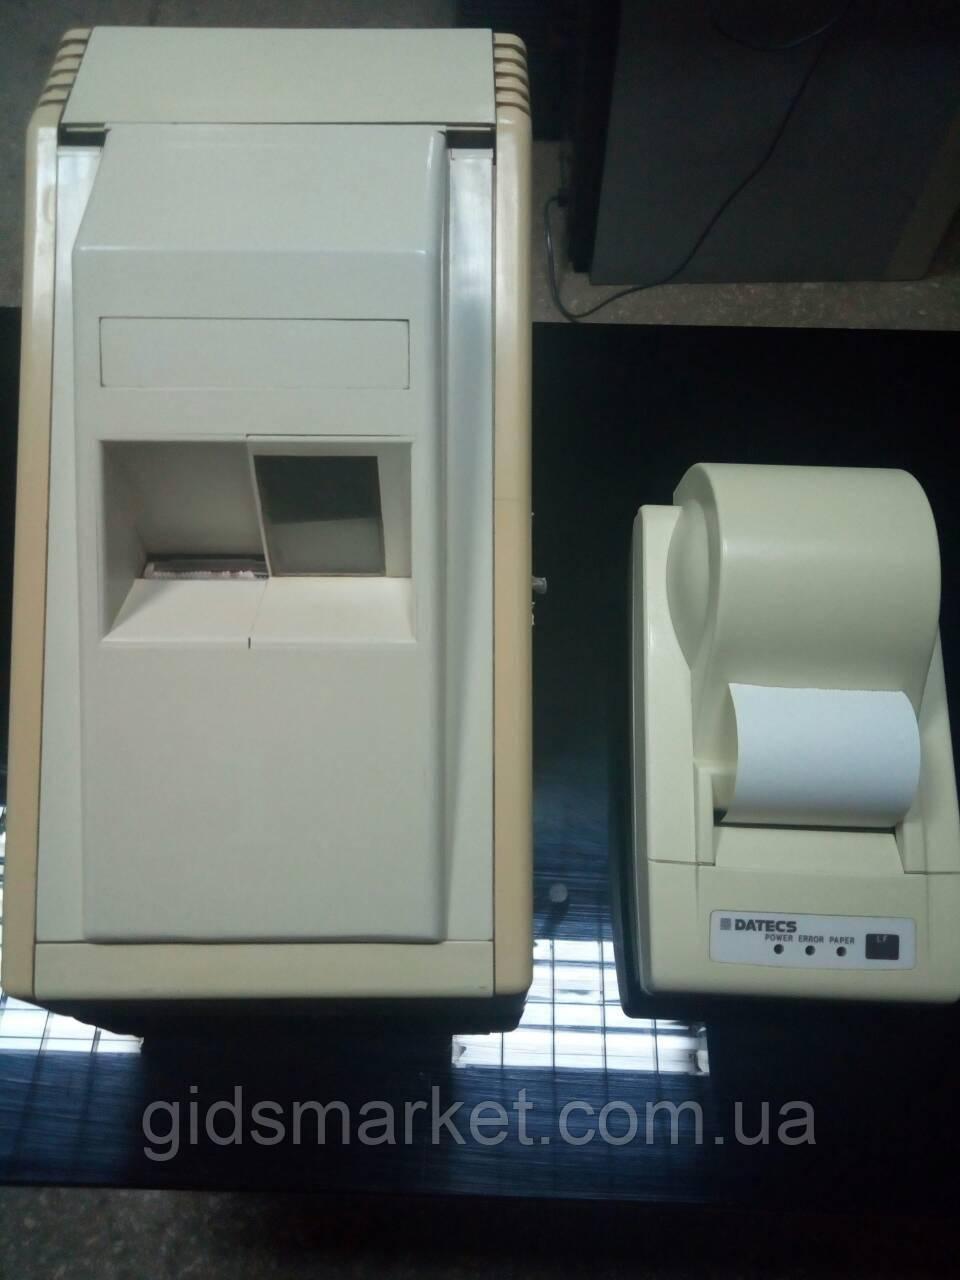 Чековый POS принтер Экселлио ЕР-50 бу, Мария 301 бу